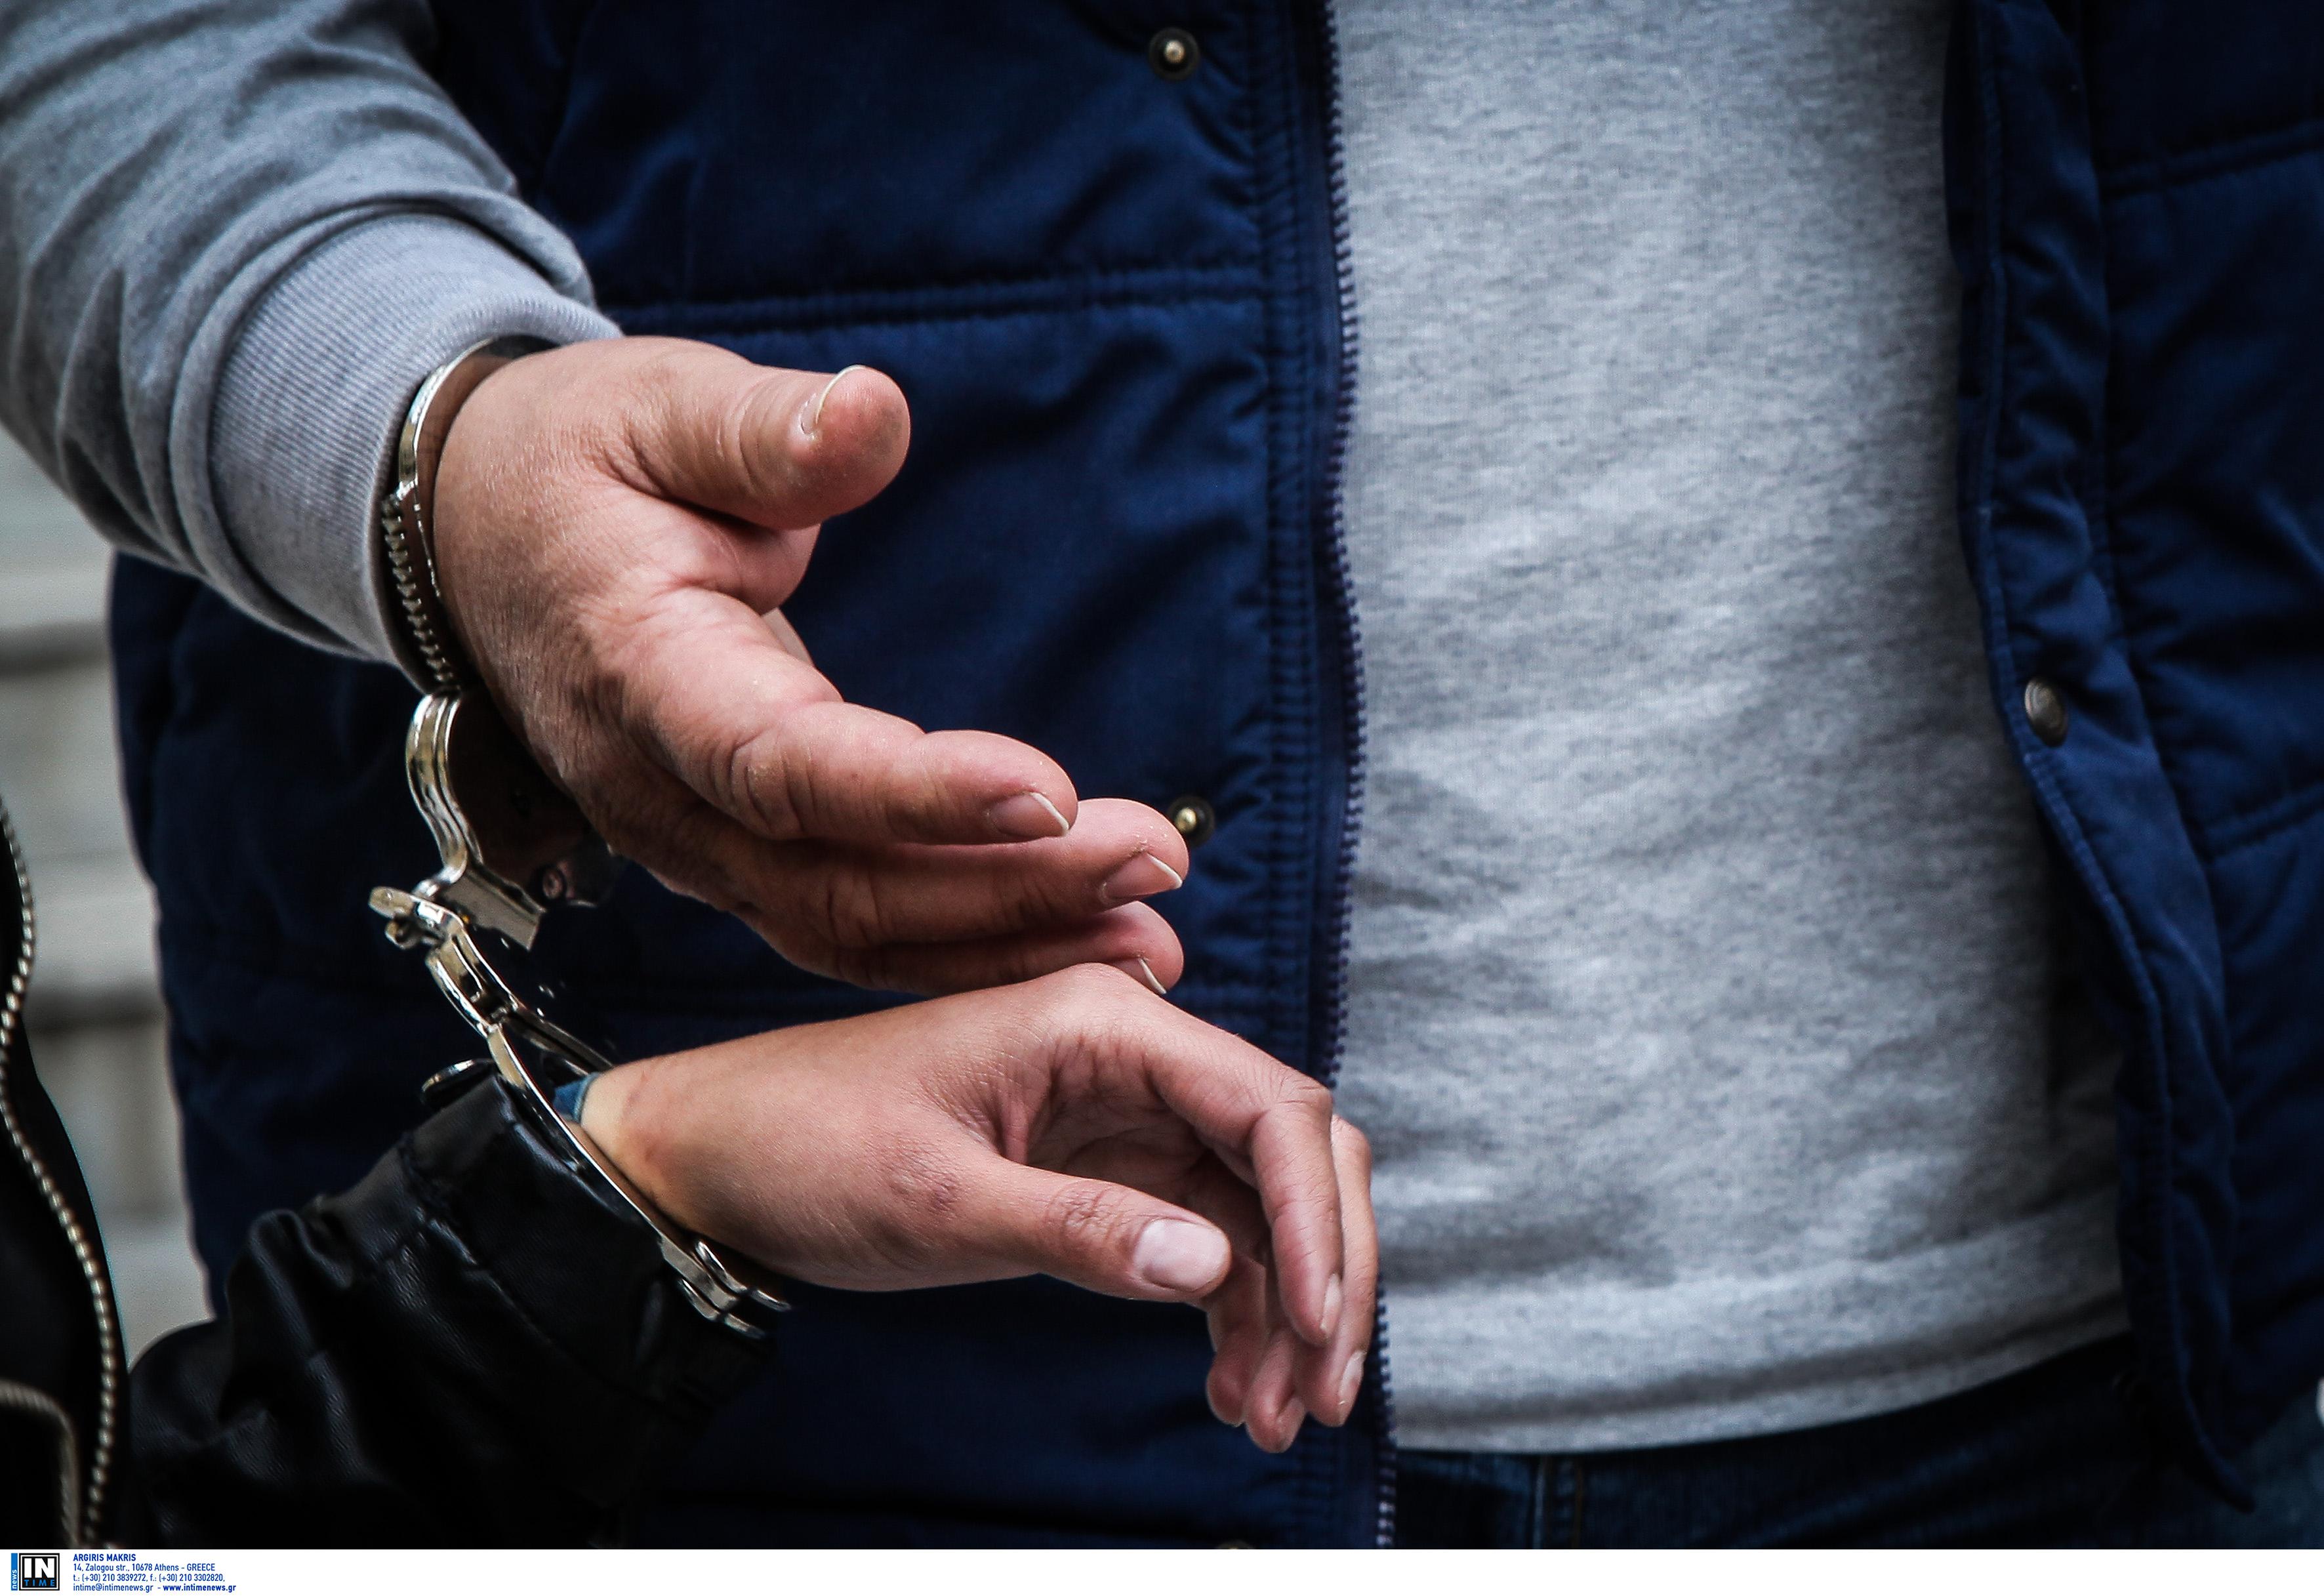 Δεν θα πιστεύετε τι μπορεί να αυξάνει την εγκληματικότητα - Τι έδειξε νέα έρευνα